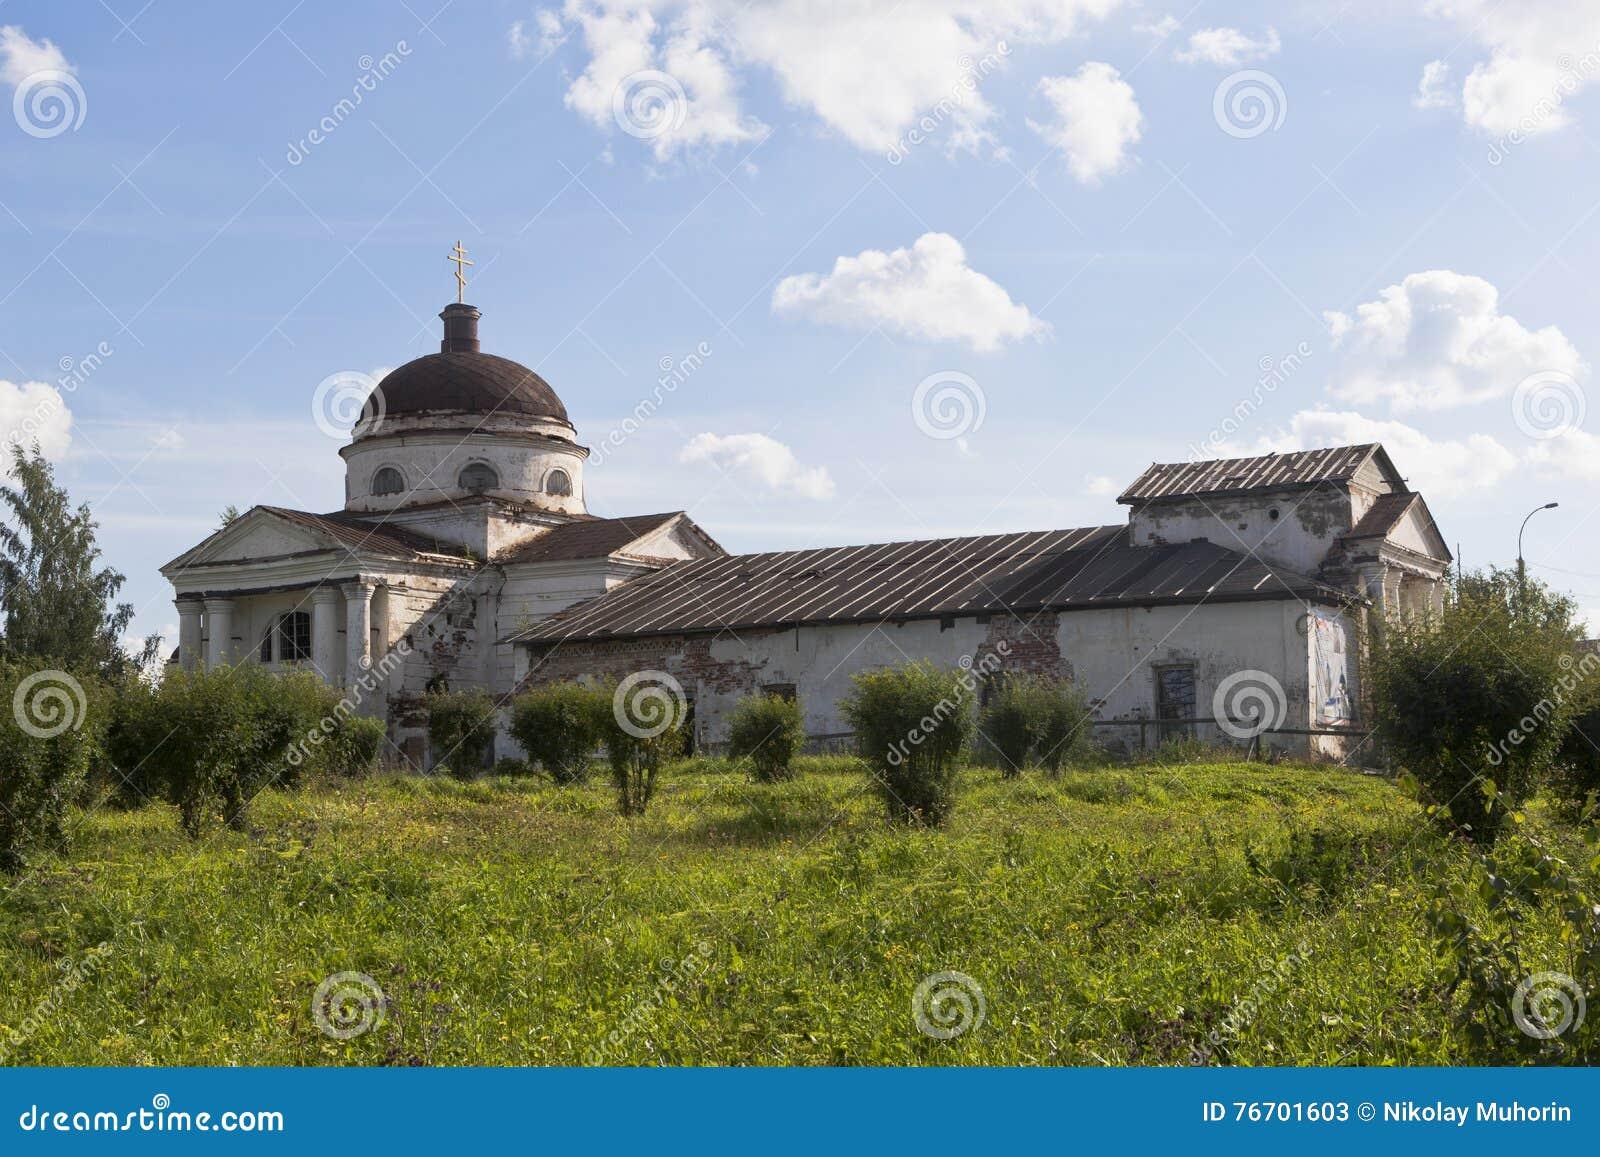 Kazan Cathedral in the town of Kirillov, Vologda region